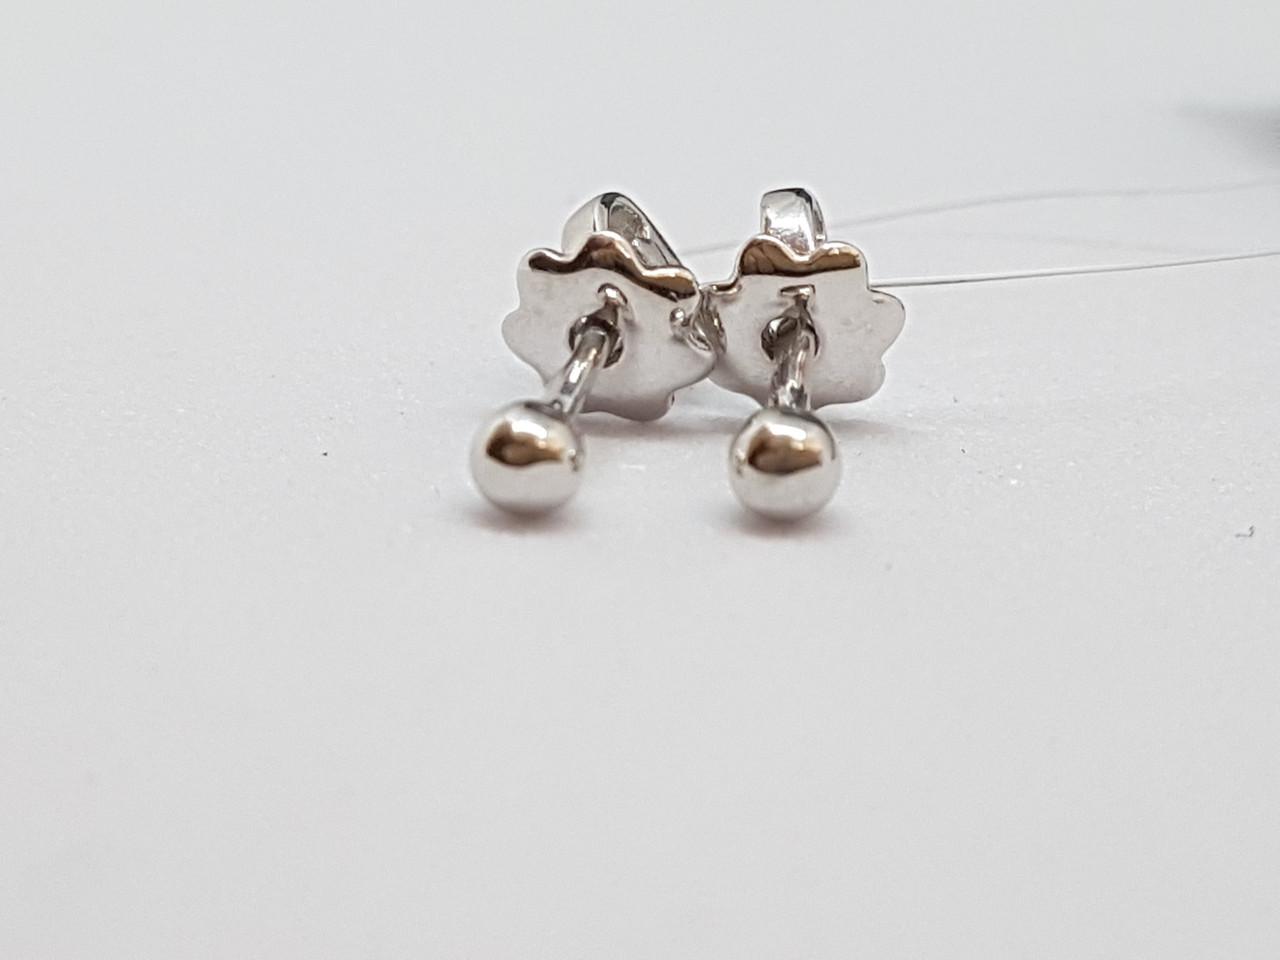 Серебряные пуссеты. Артикул 902-00909